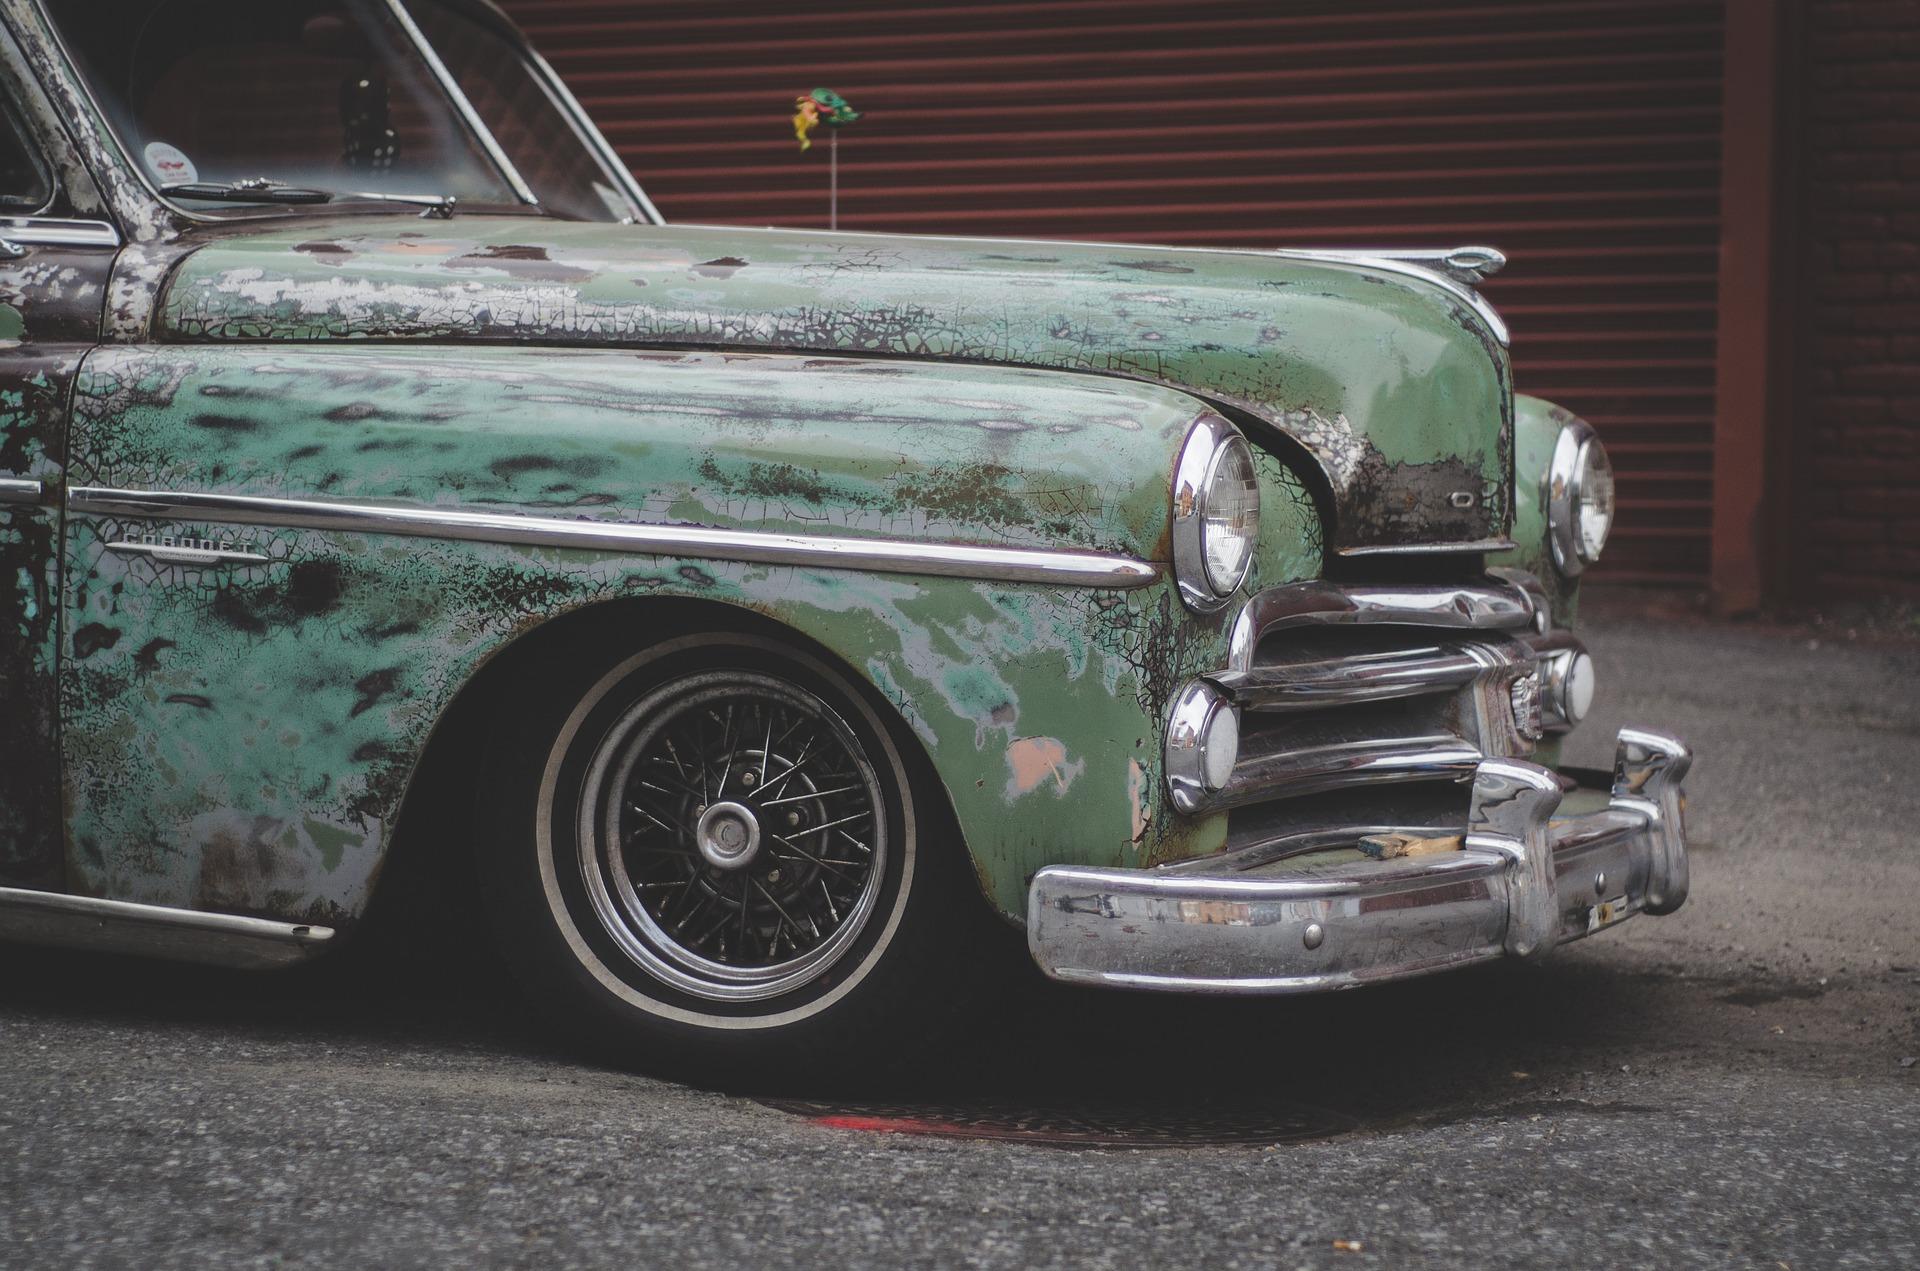 車, ヴィンテージ, クラシック, レトロ, 古い, 汚い, 自動車 - HD の壁紙 - 教授-falken.com